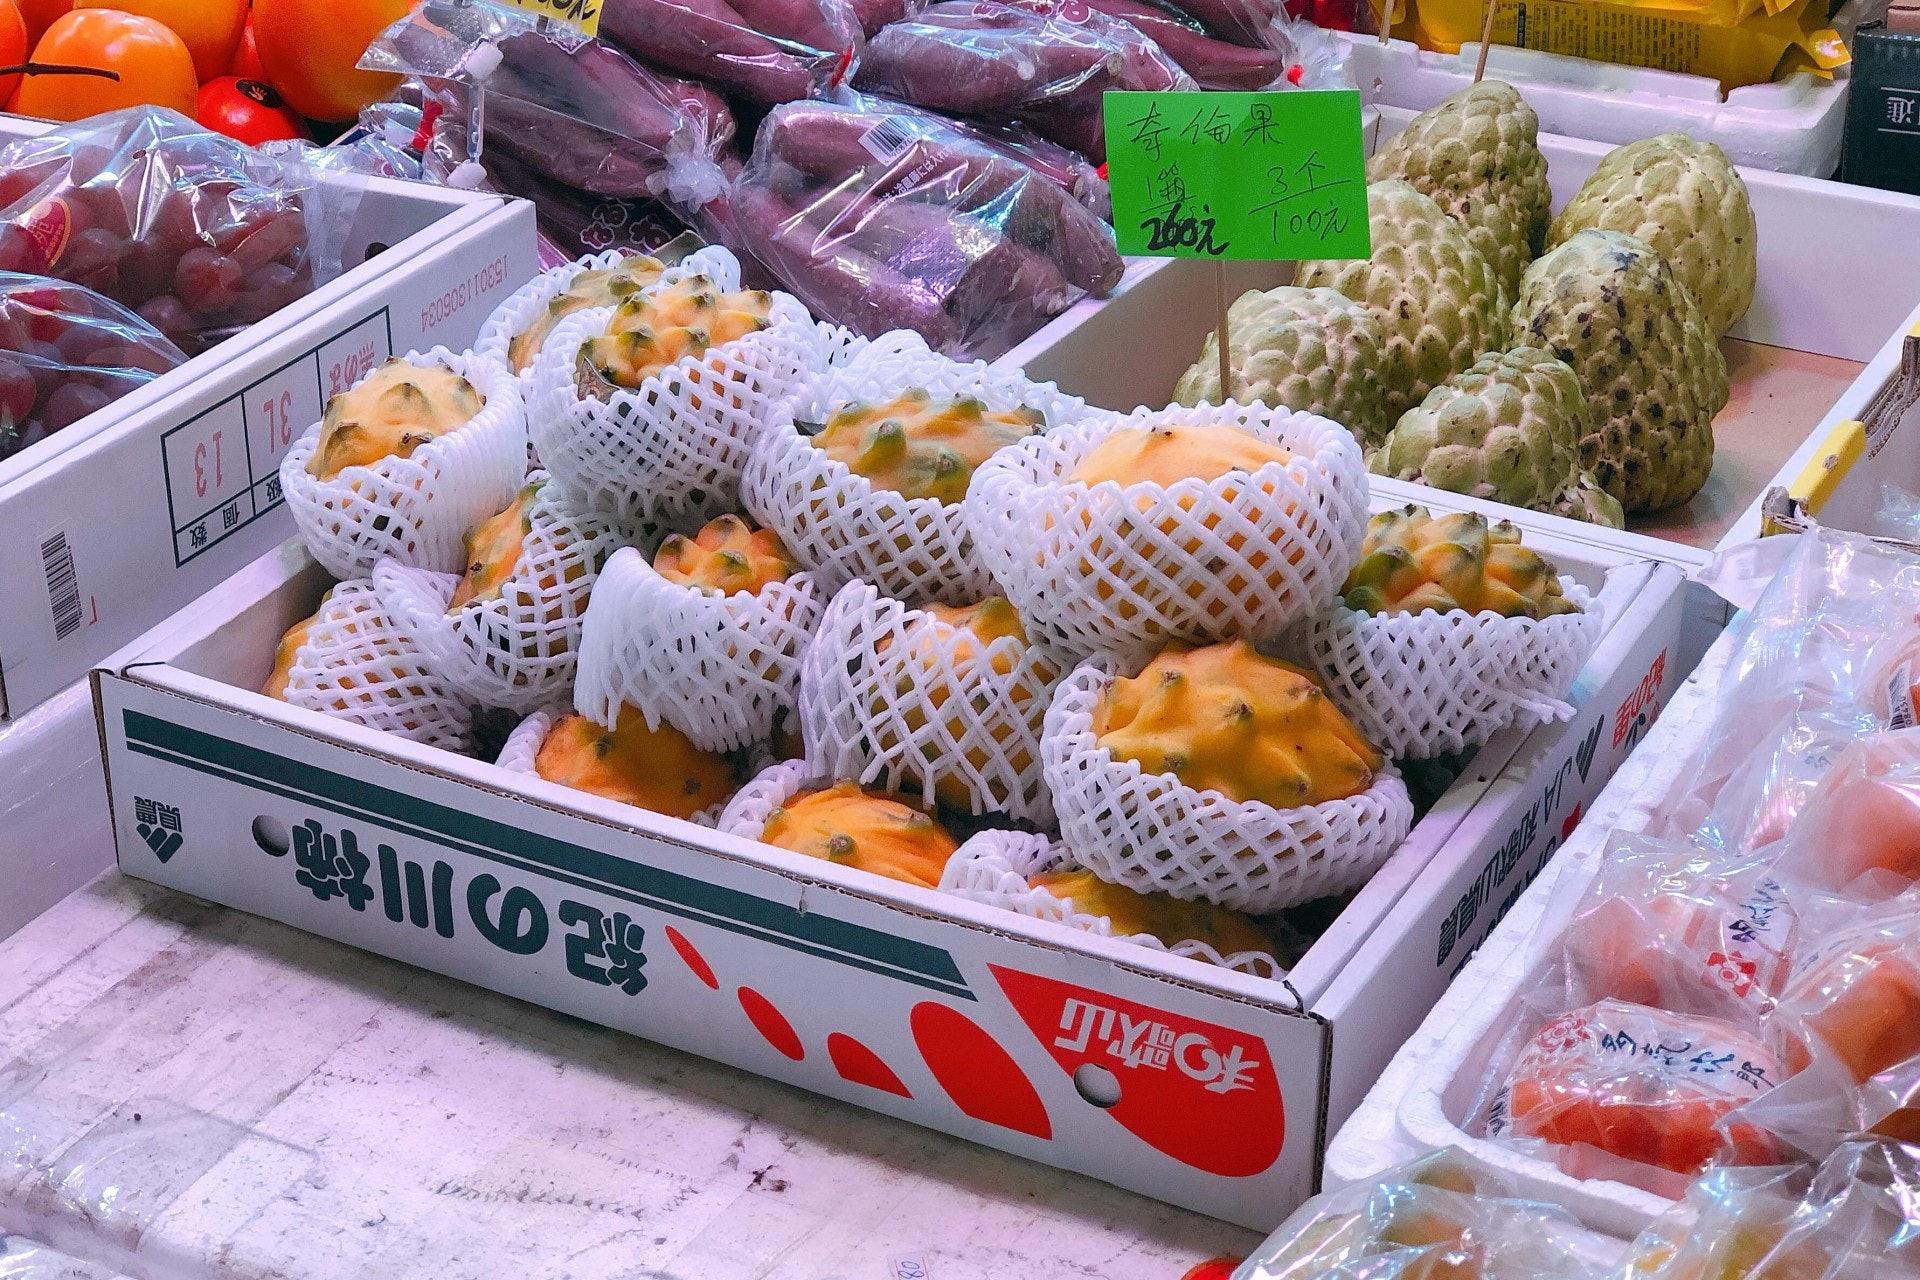 厄瓜多爾麒麟果的果釘較圓較鈍,沒哥倫比亞種那樣尖,而價格也相對便宜,日前在果欄只售$100三個。(鄧穎琪攝)